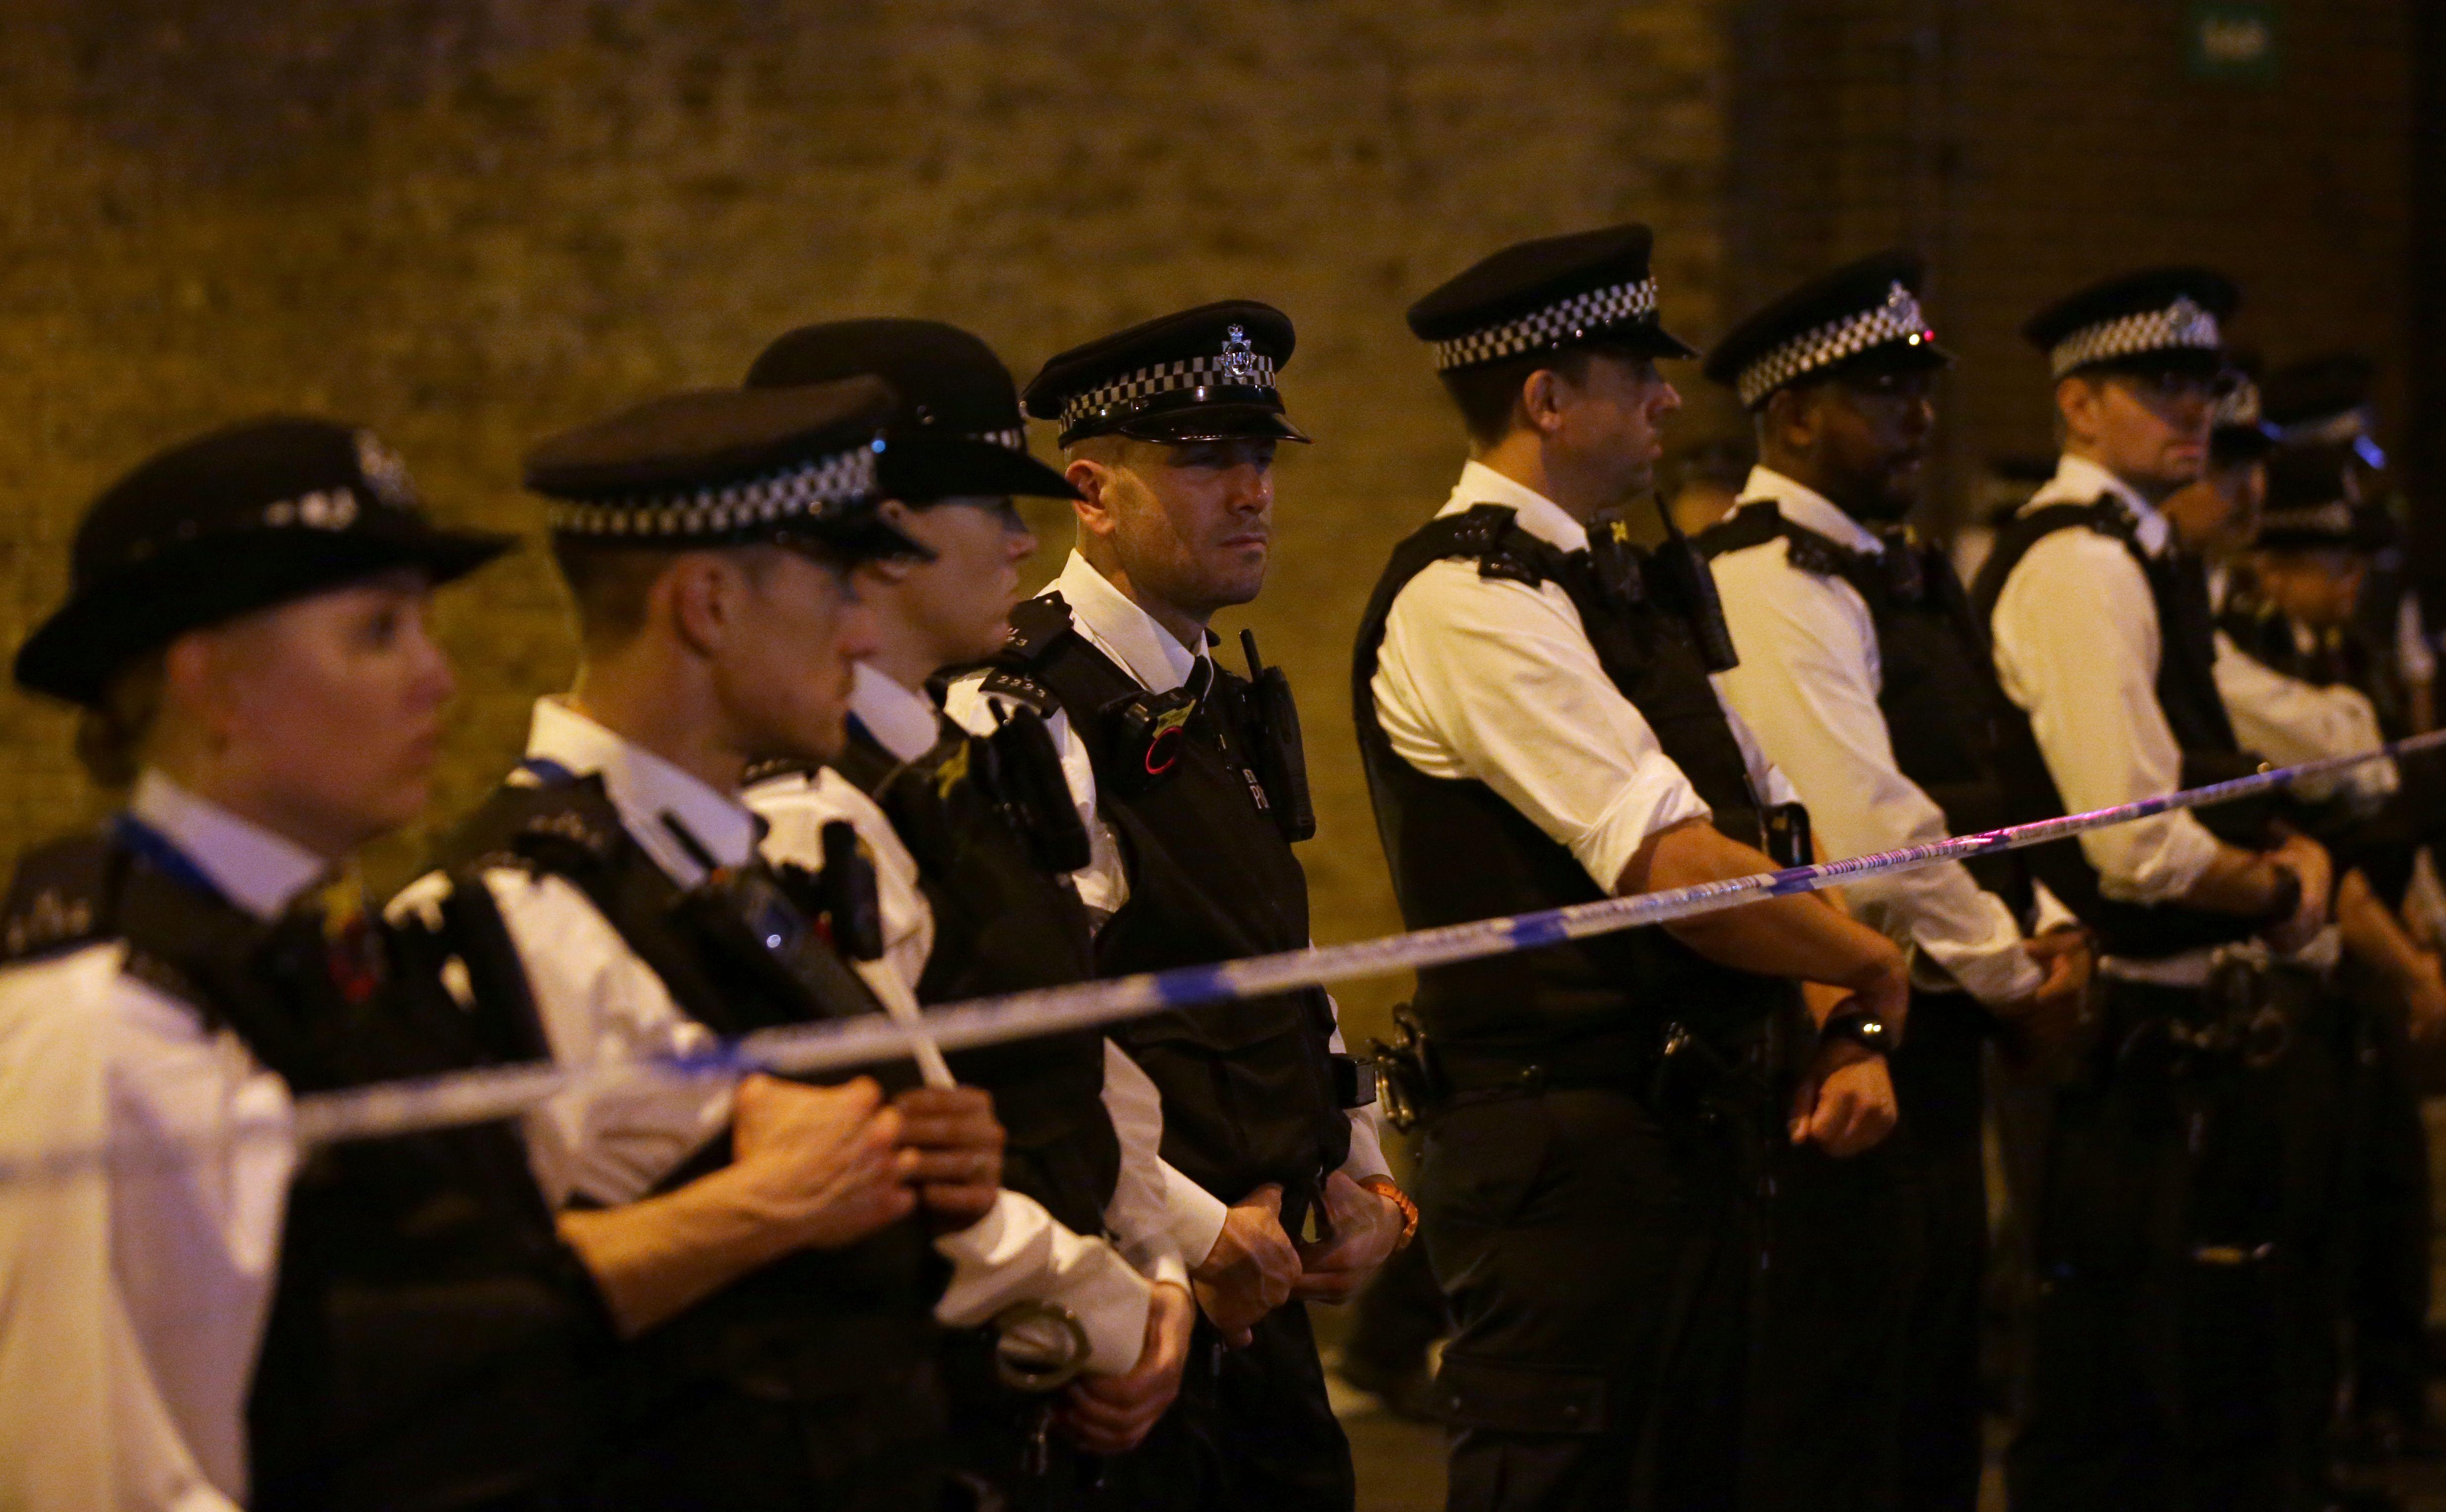 شرطة لندن تطوق المكان